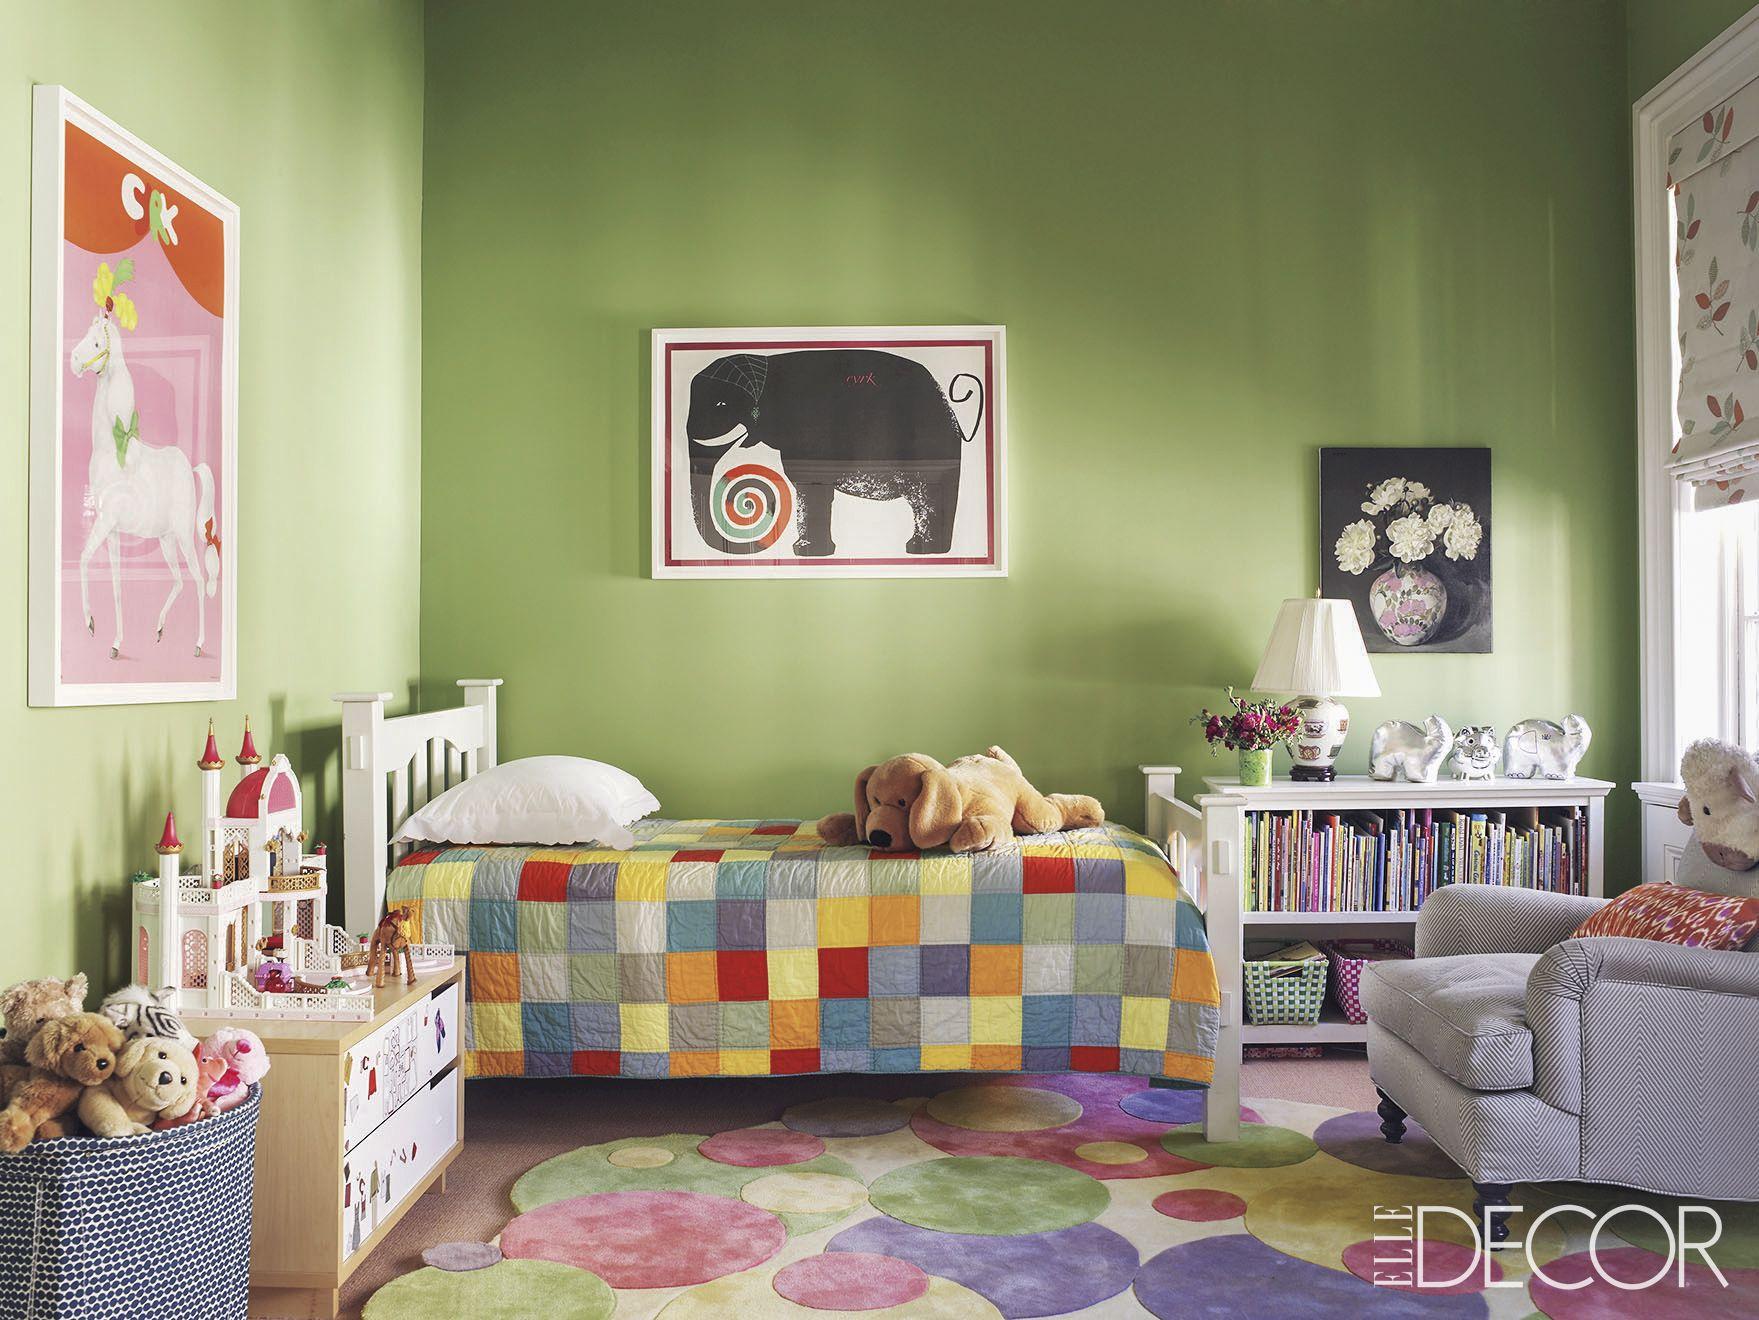 18 cool kids room decorating ideas kids room decor rh elledecor com pictures for kids room at walmart pictures for kids room at walmart